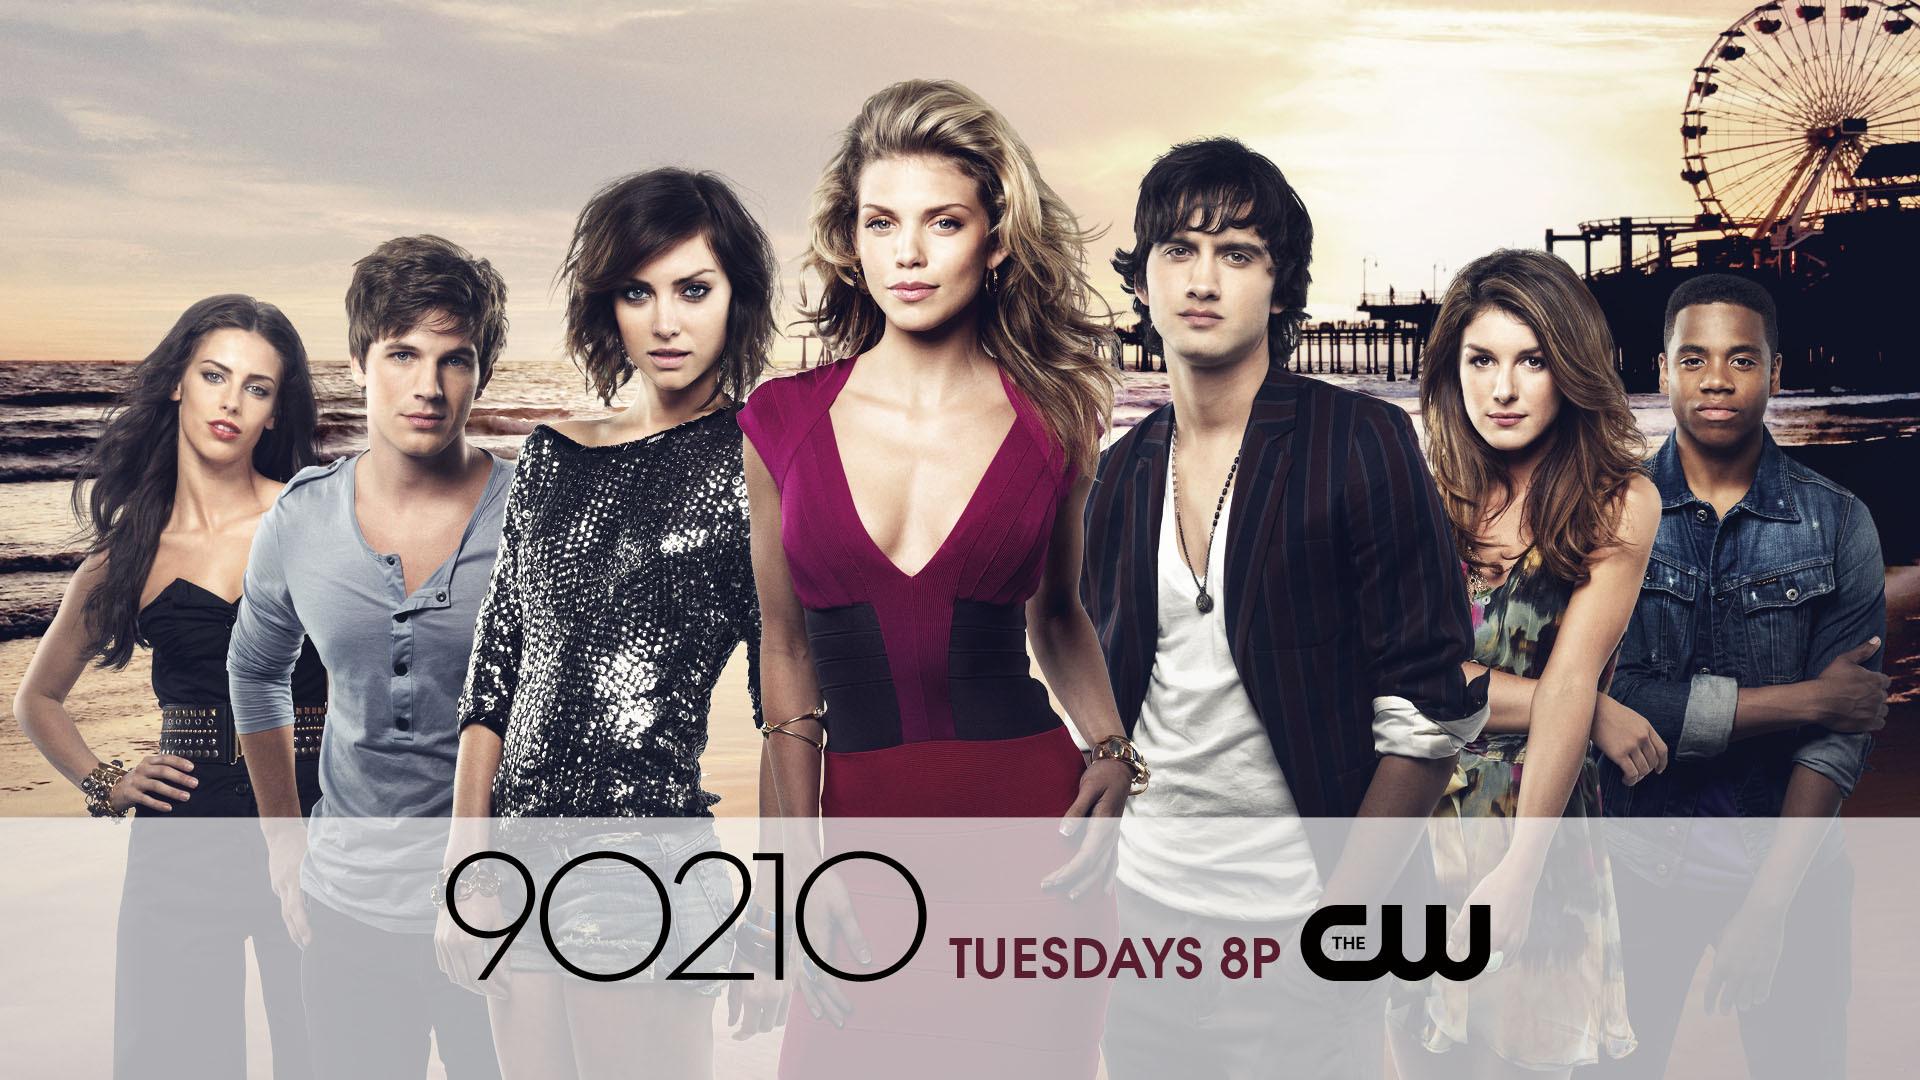 90210 (Сезон 4) — Википедия